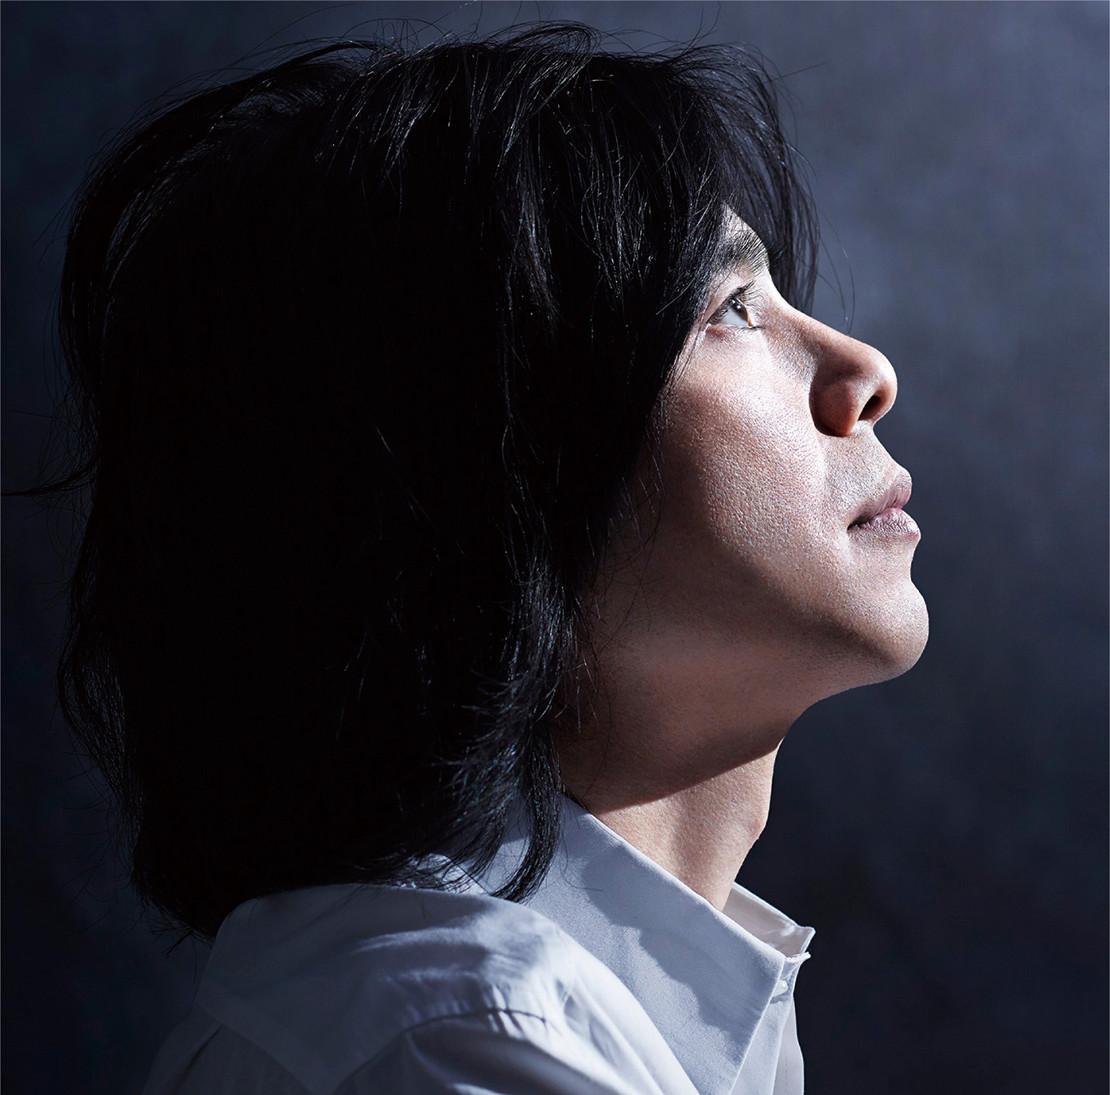 エレファントカシマシ シングルCD「あなたへ」通常版